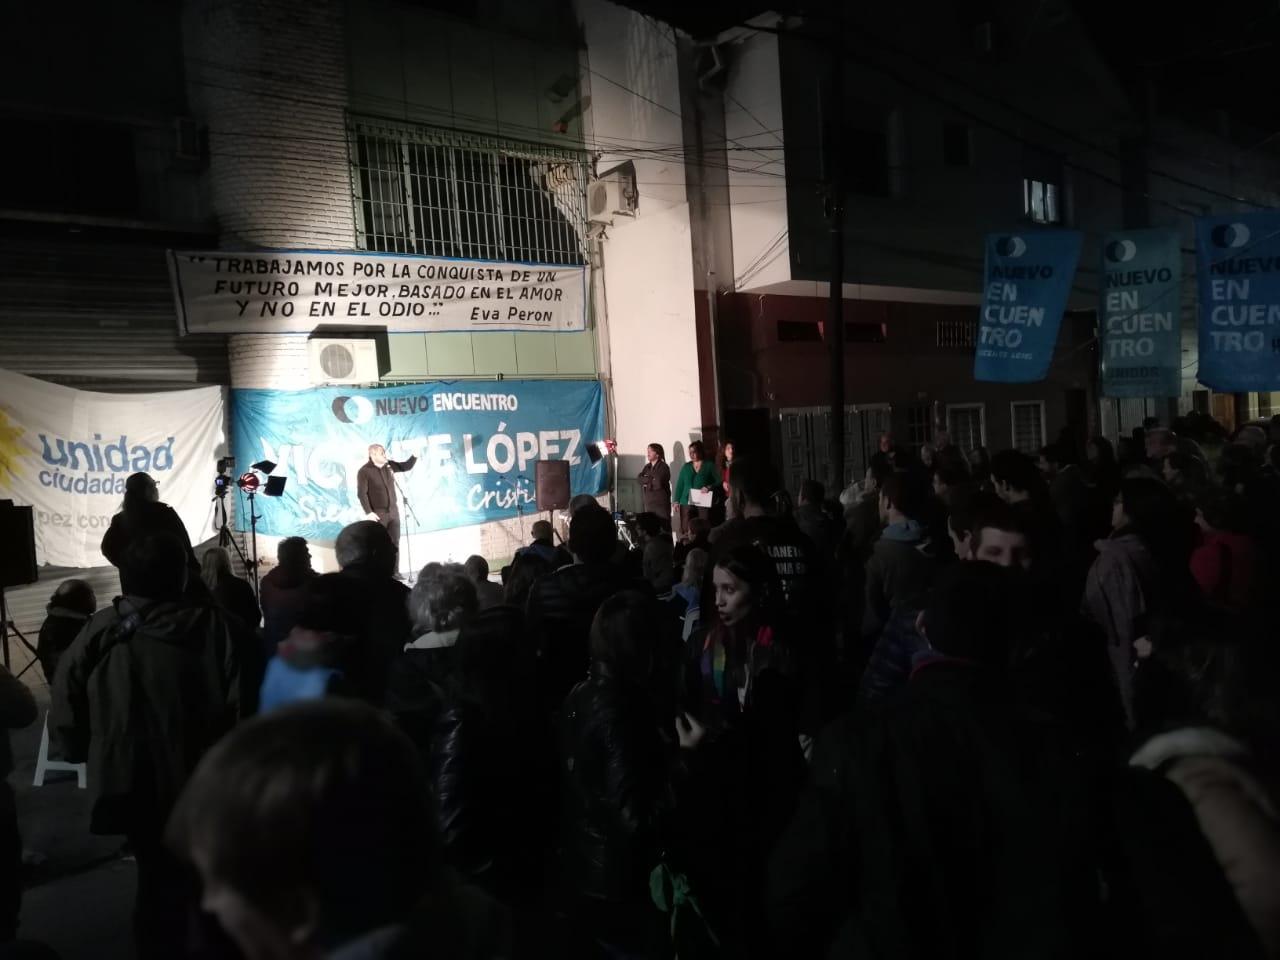 Nuevo Encuentro Vicente López celebró sus 10 años en el distrito